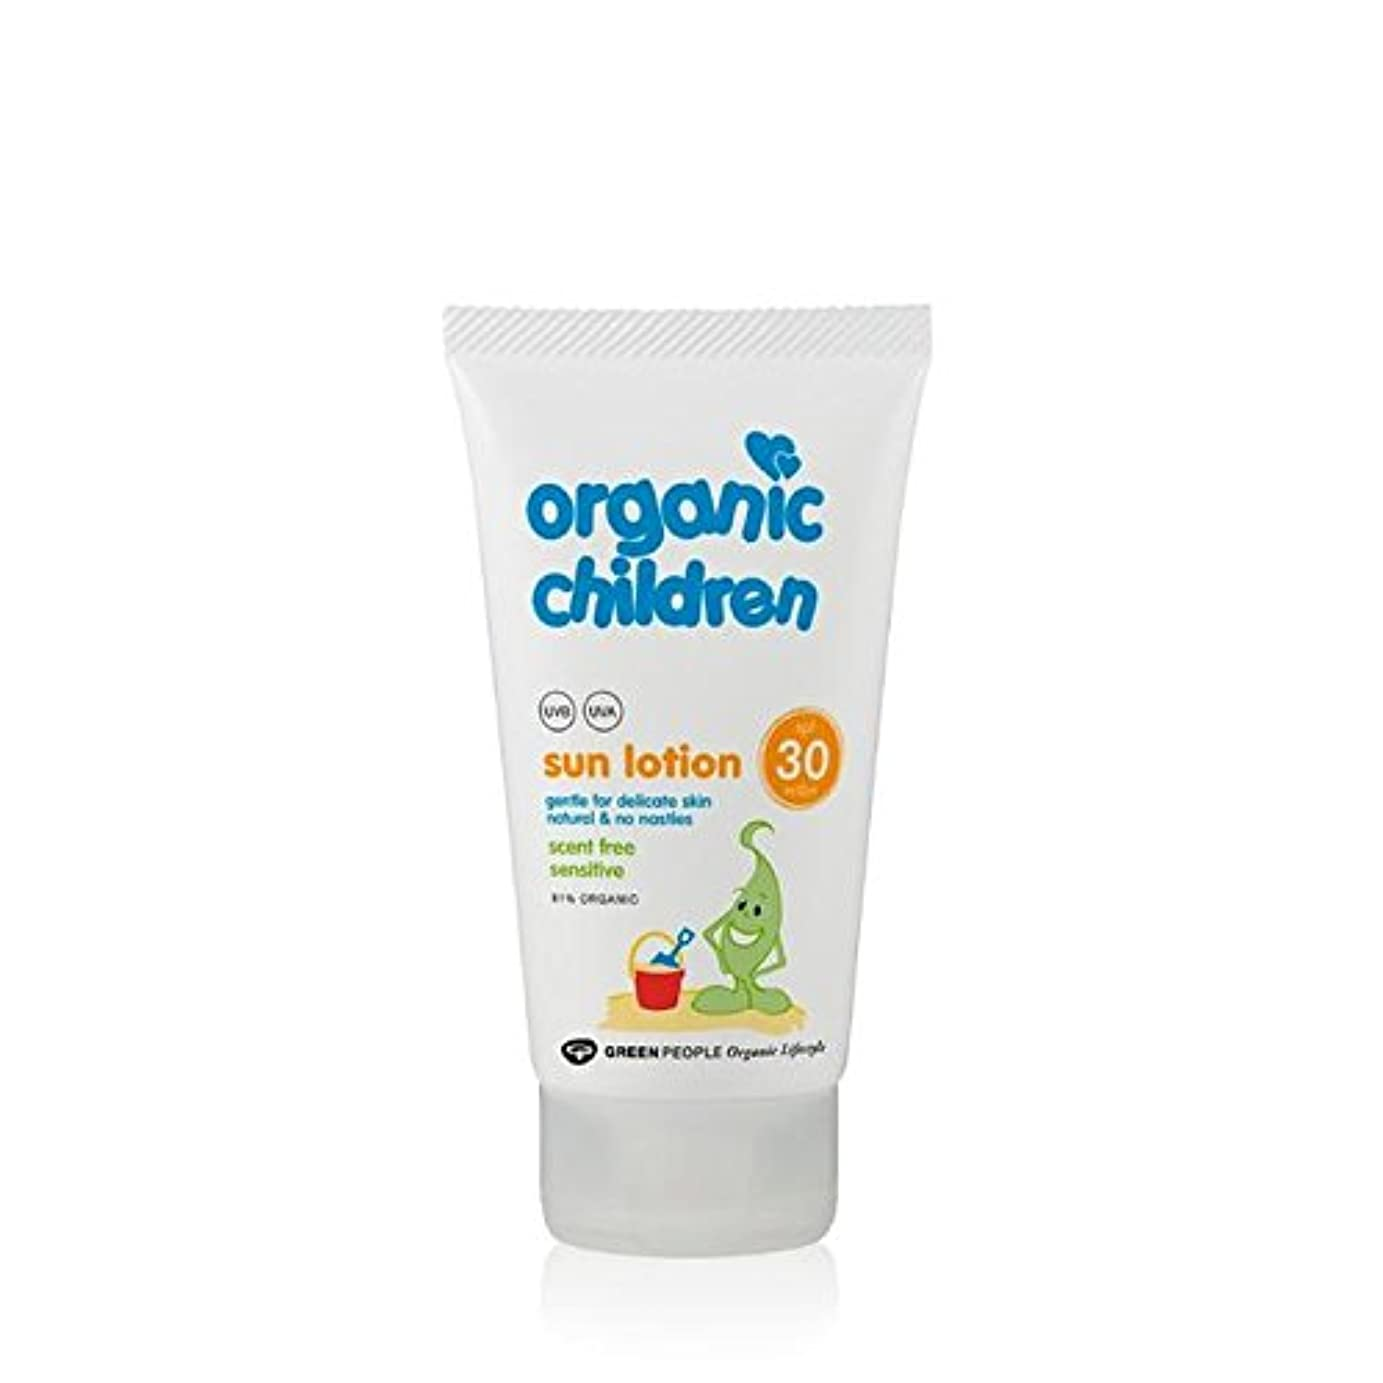 競争所得告白する有機子ども30の香り無料のサンローション150 x2 - Organic Children SPF30 Scent Free Sun Lotion 150ml (Pack of 2) [並行輸入品]